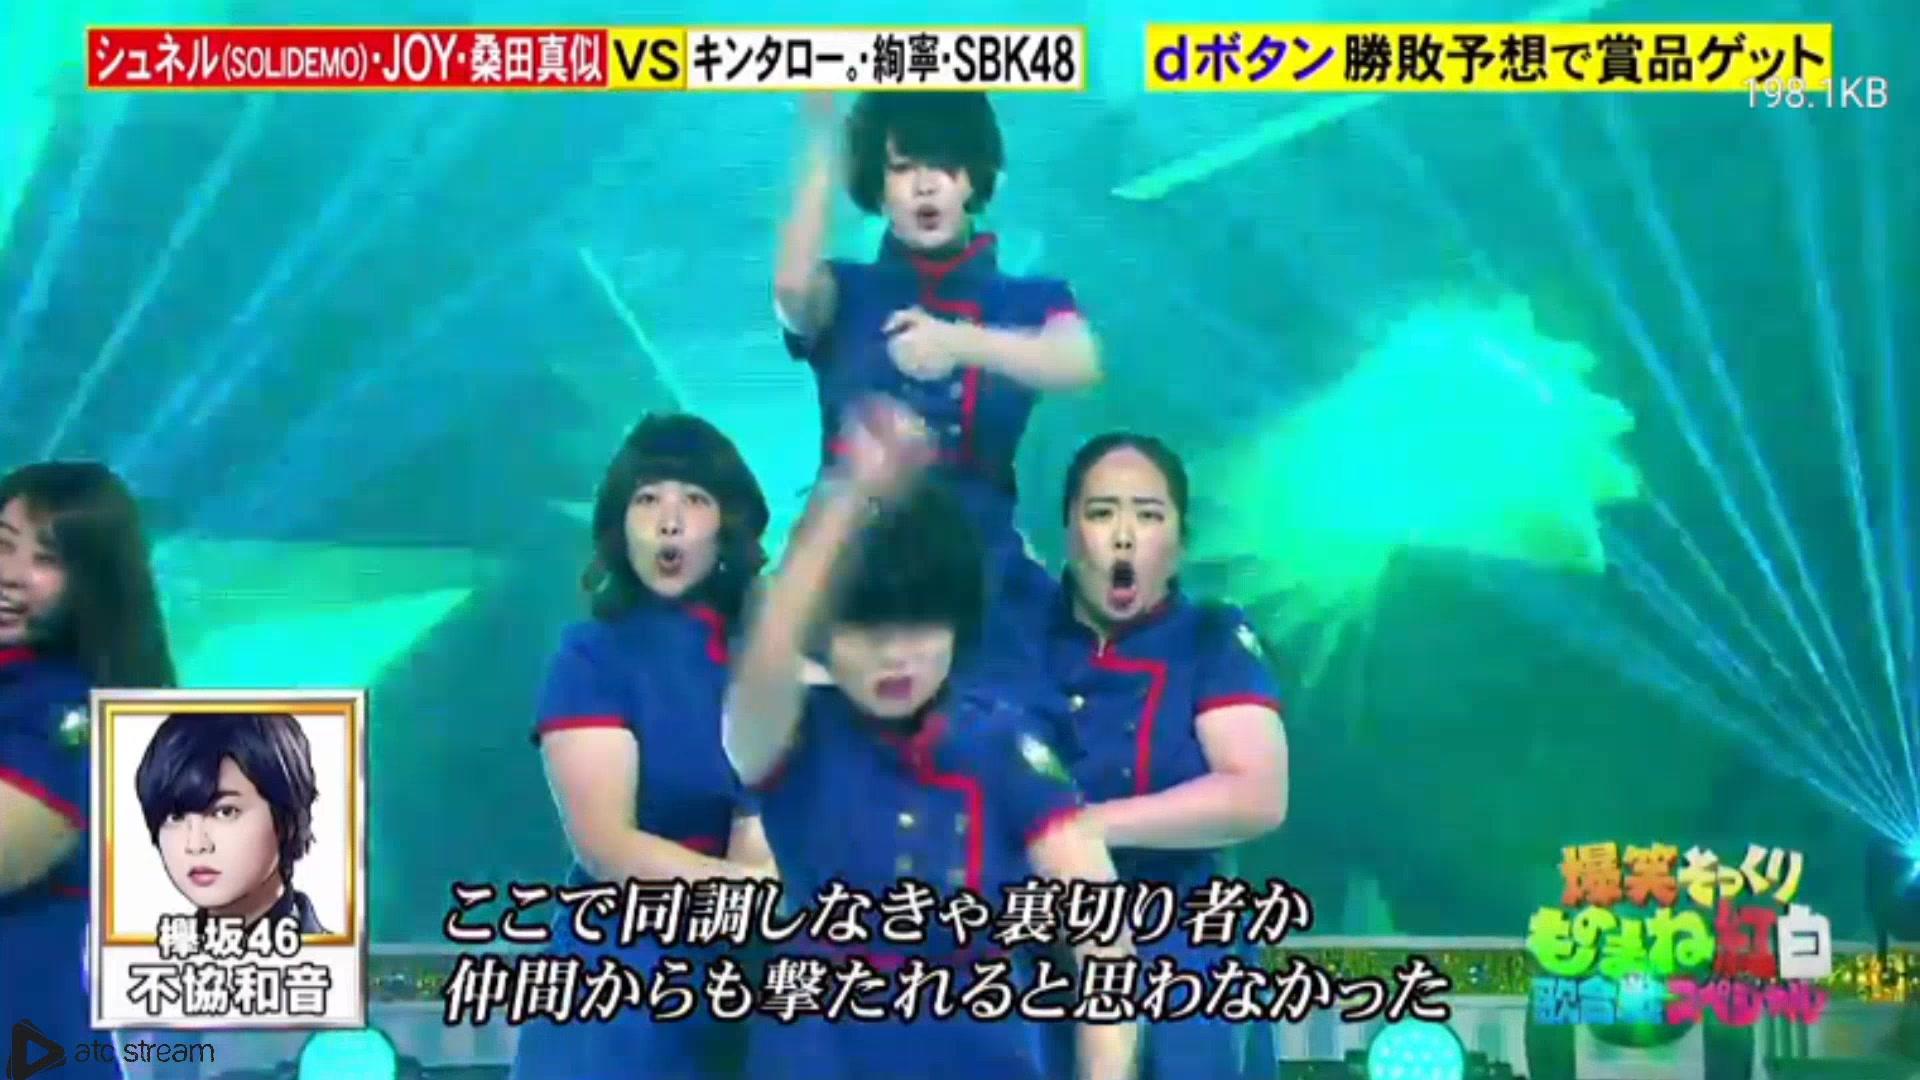 過 呼吸 不協和音 NHK紅白歌合戦『不協和音』コラボでの「過呼吸の理由」をめざましテレビで専門家の見解・ファンの声と合わせて放送